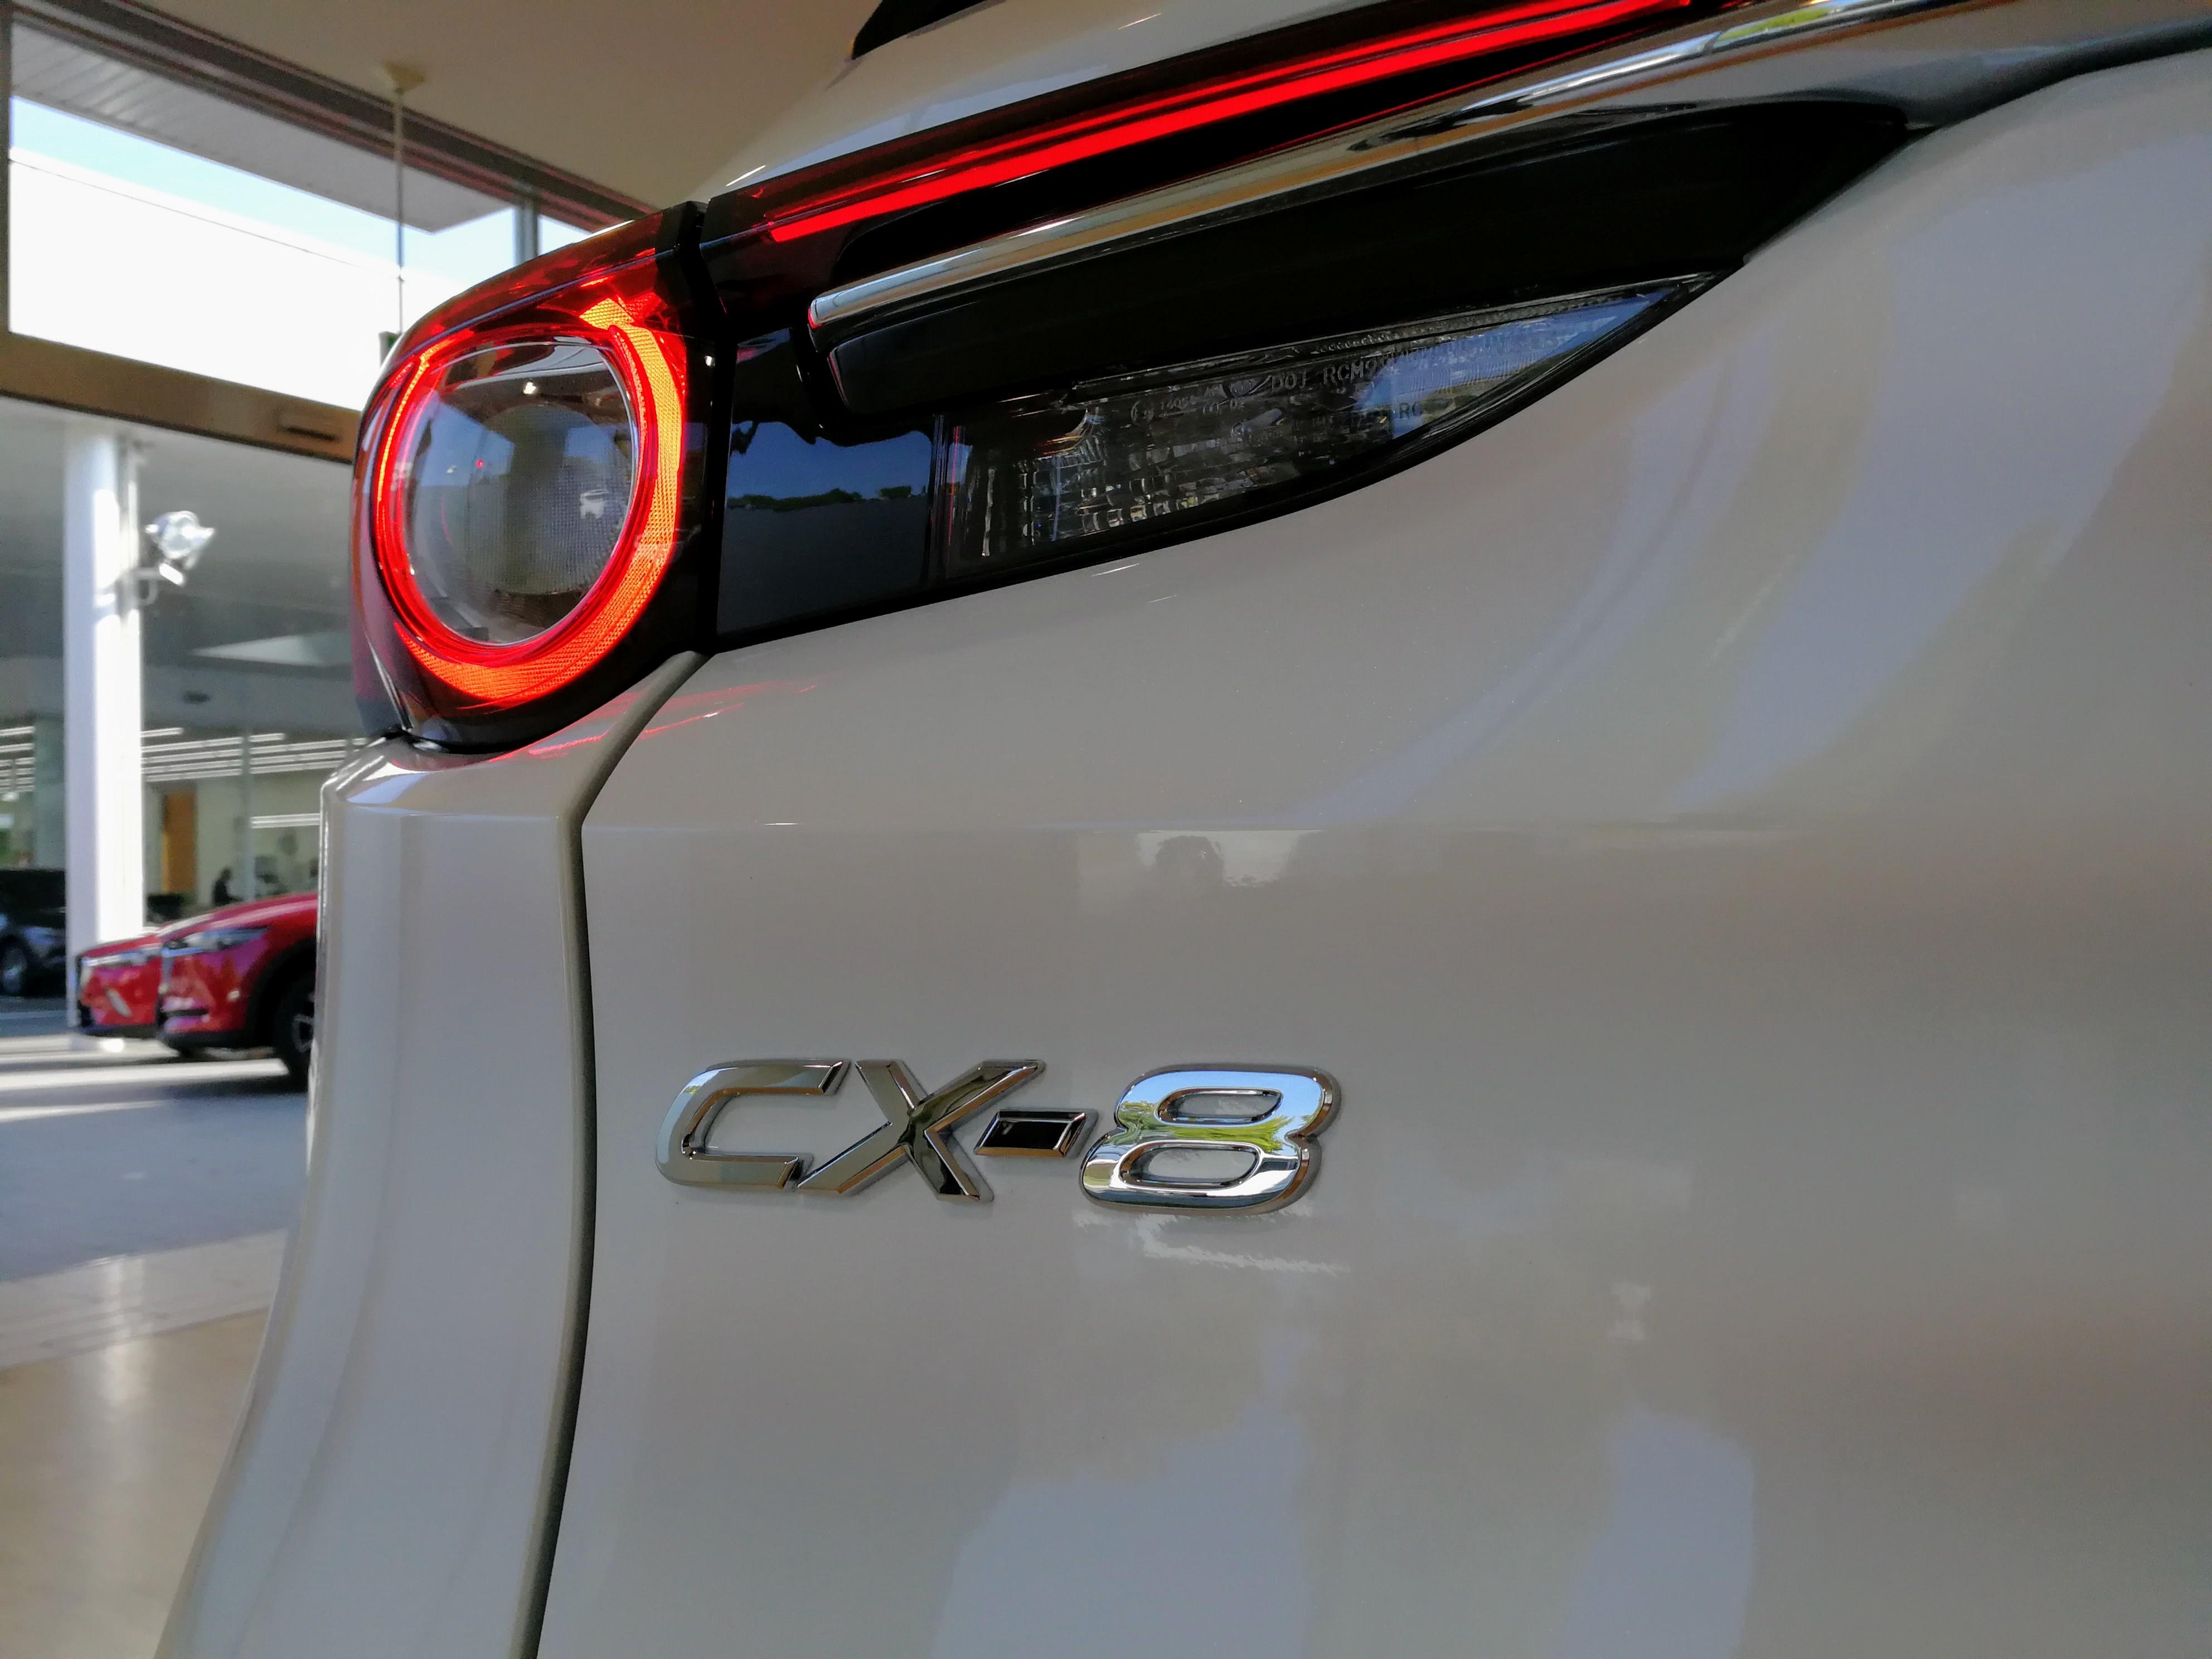 CX-8 PROACTIVE 先行展示で実車見た感想!CX-5との違いを中心にまとめ!